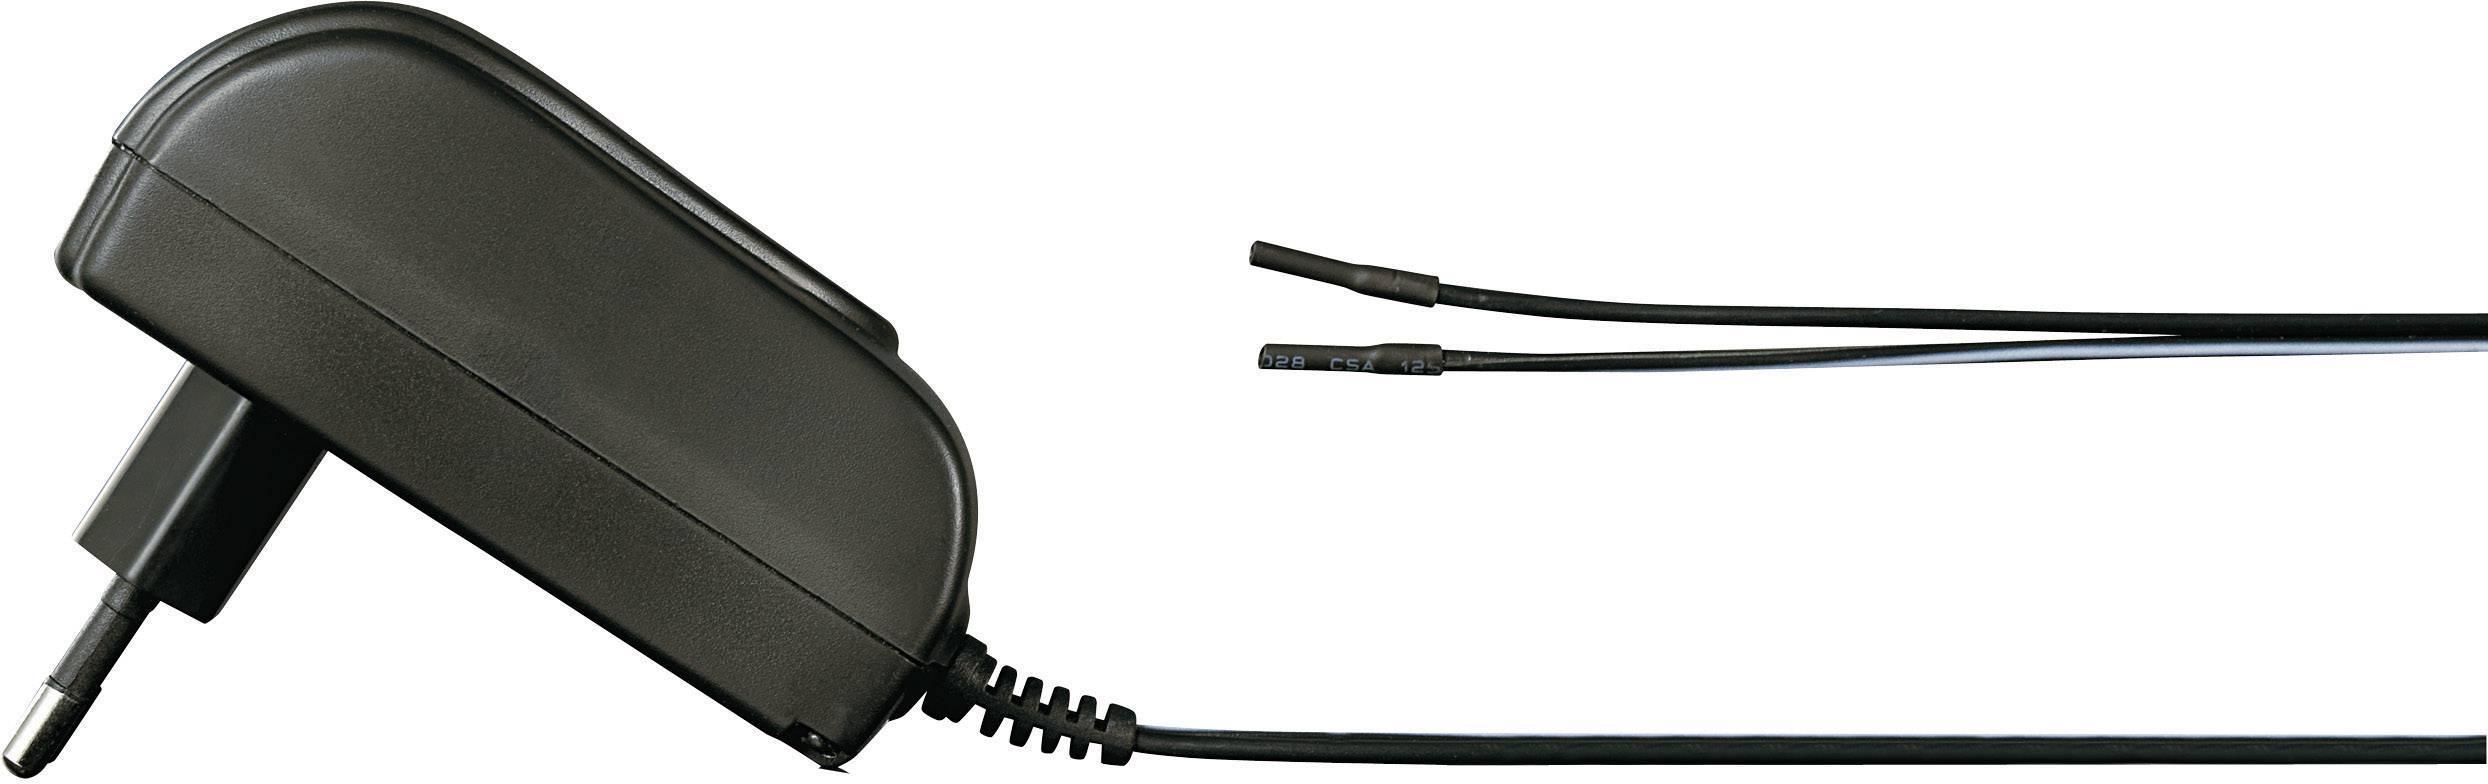 Síťový adaptér bez konektoru Voltcraft SNG 12/1500-OW, 12 V/DC, 18 W